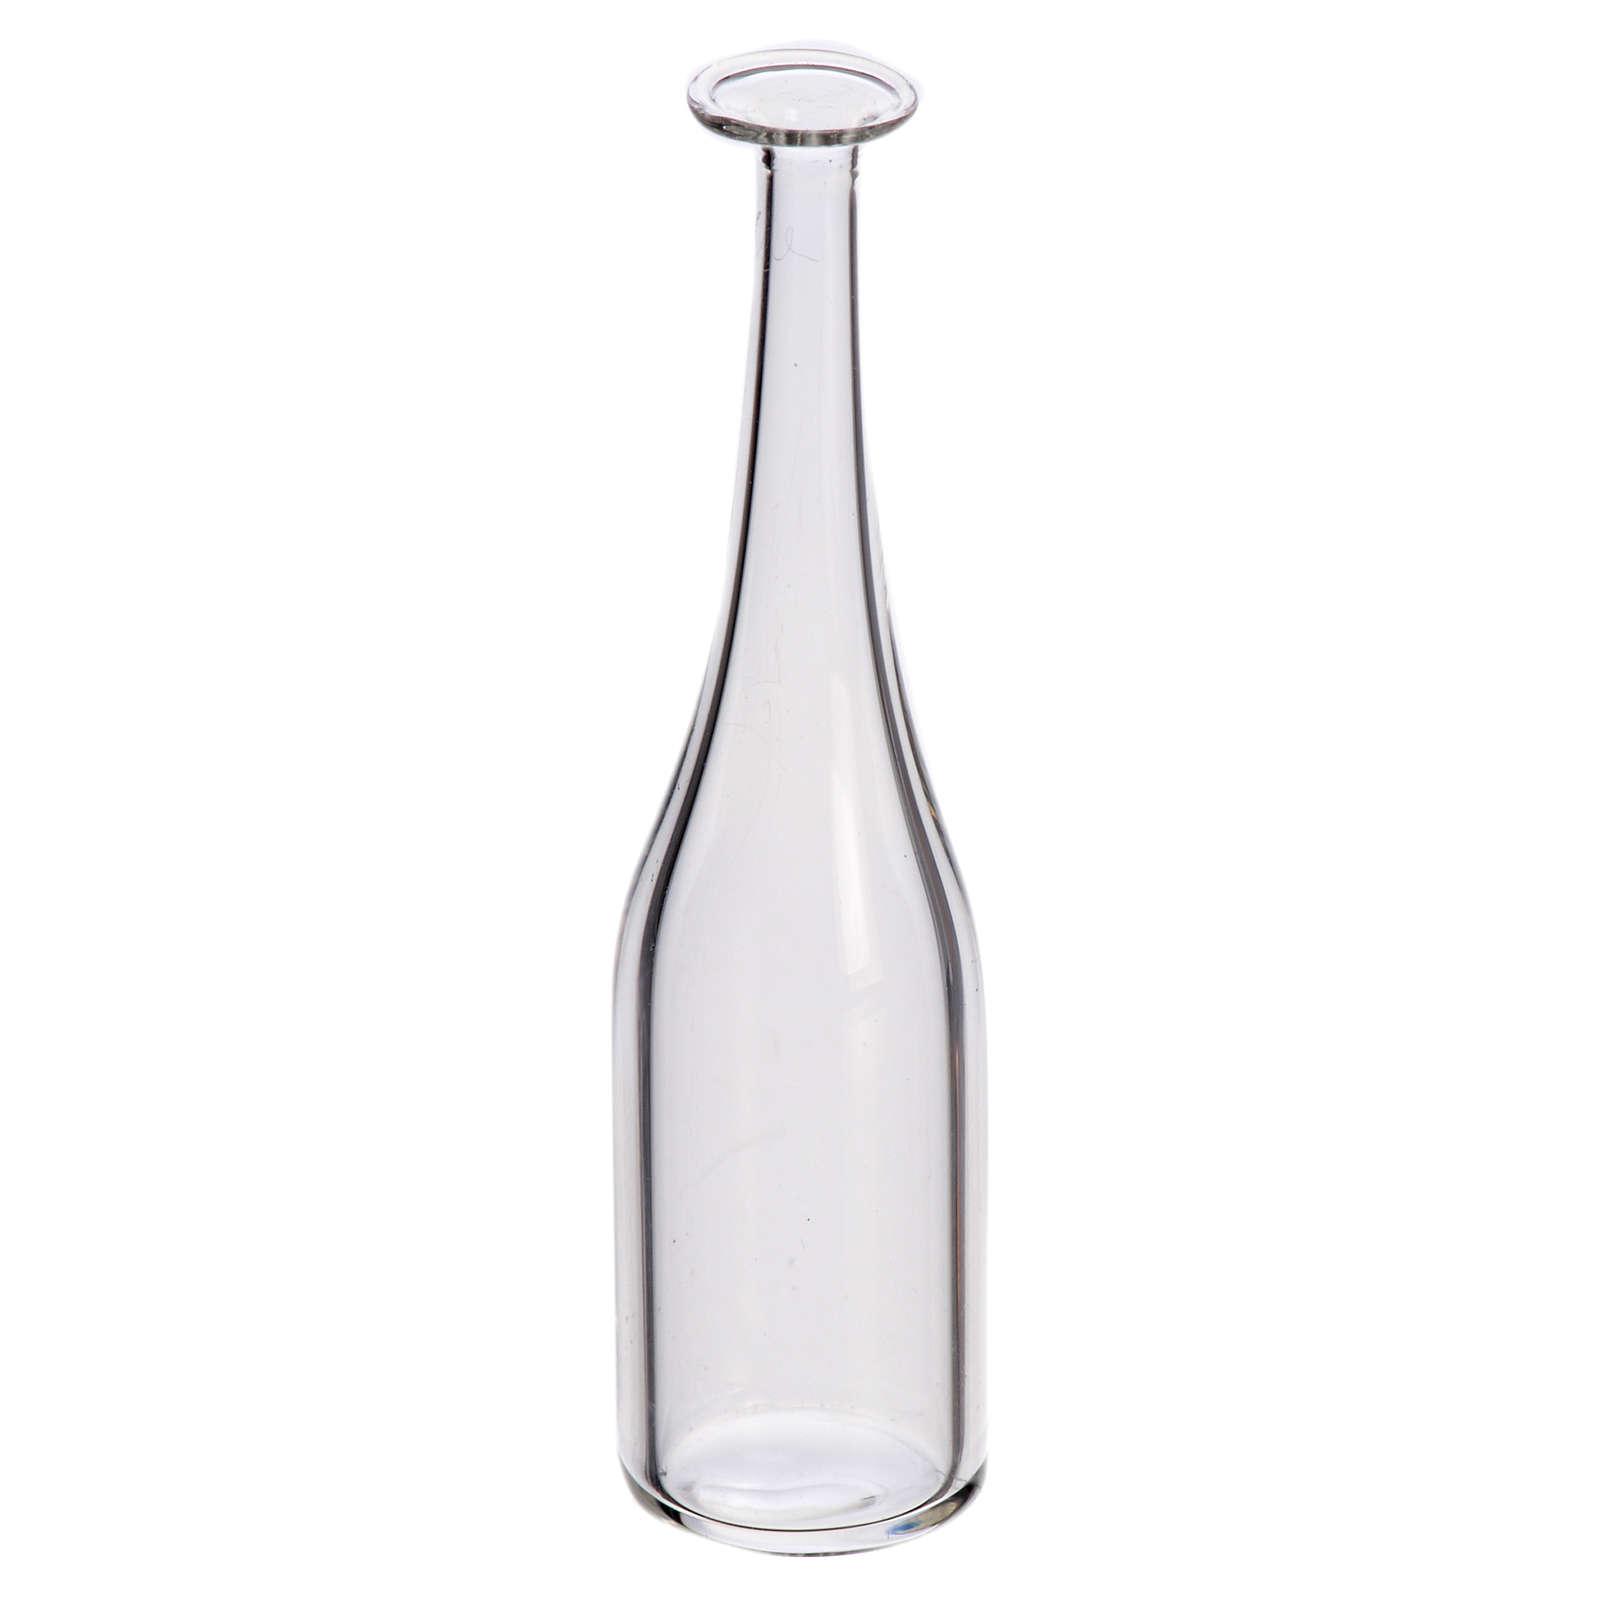 Glass bottle, 4x1cm for nativities 4